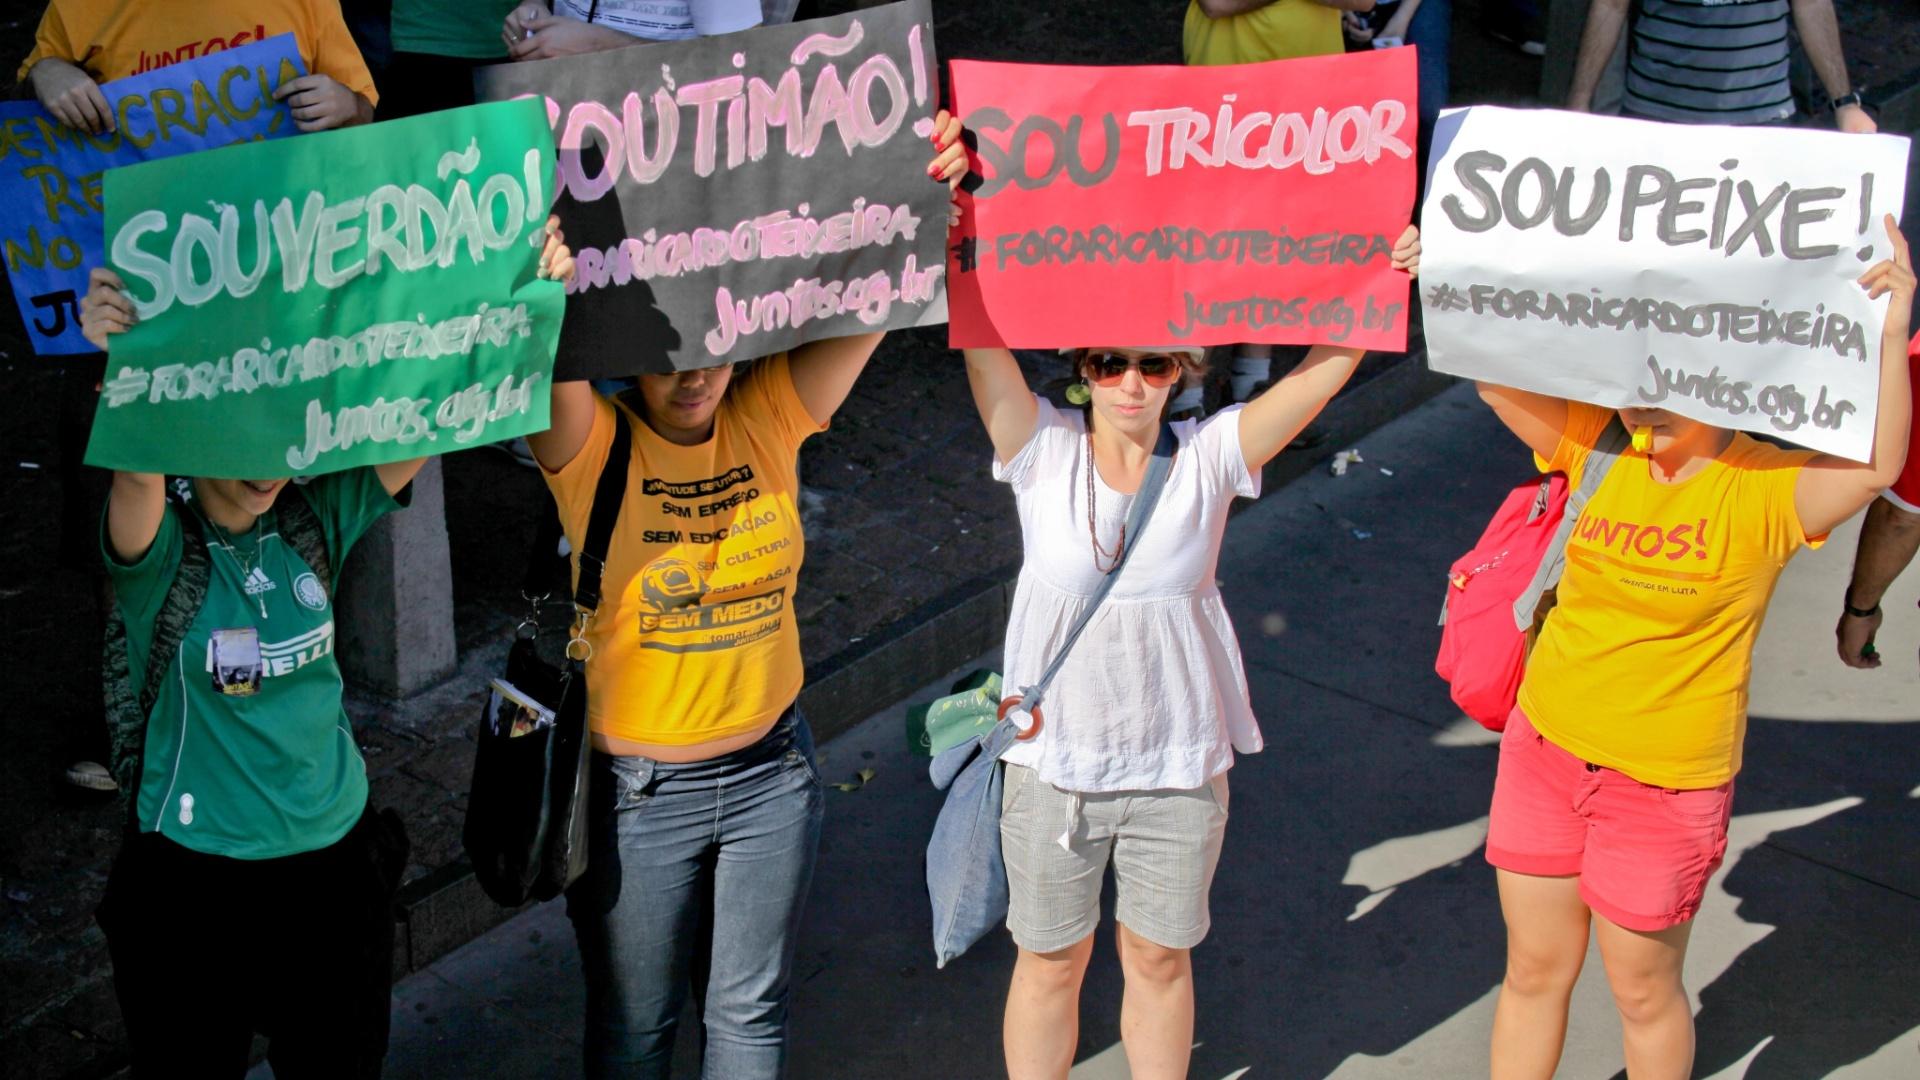 Torcida dos quatro grandes de São Paulo está unida no protesto contra Ricardo Teixeira (13/08/2011)